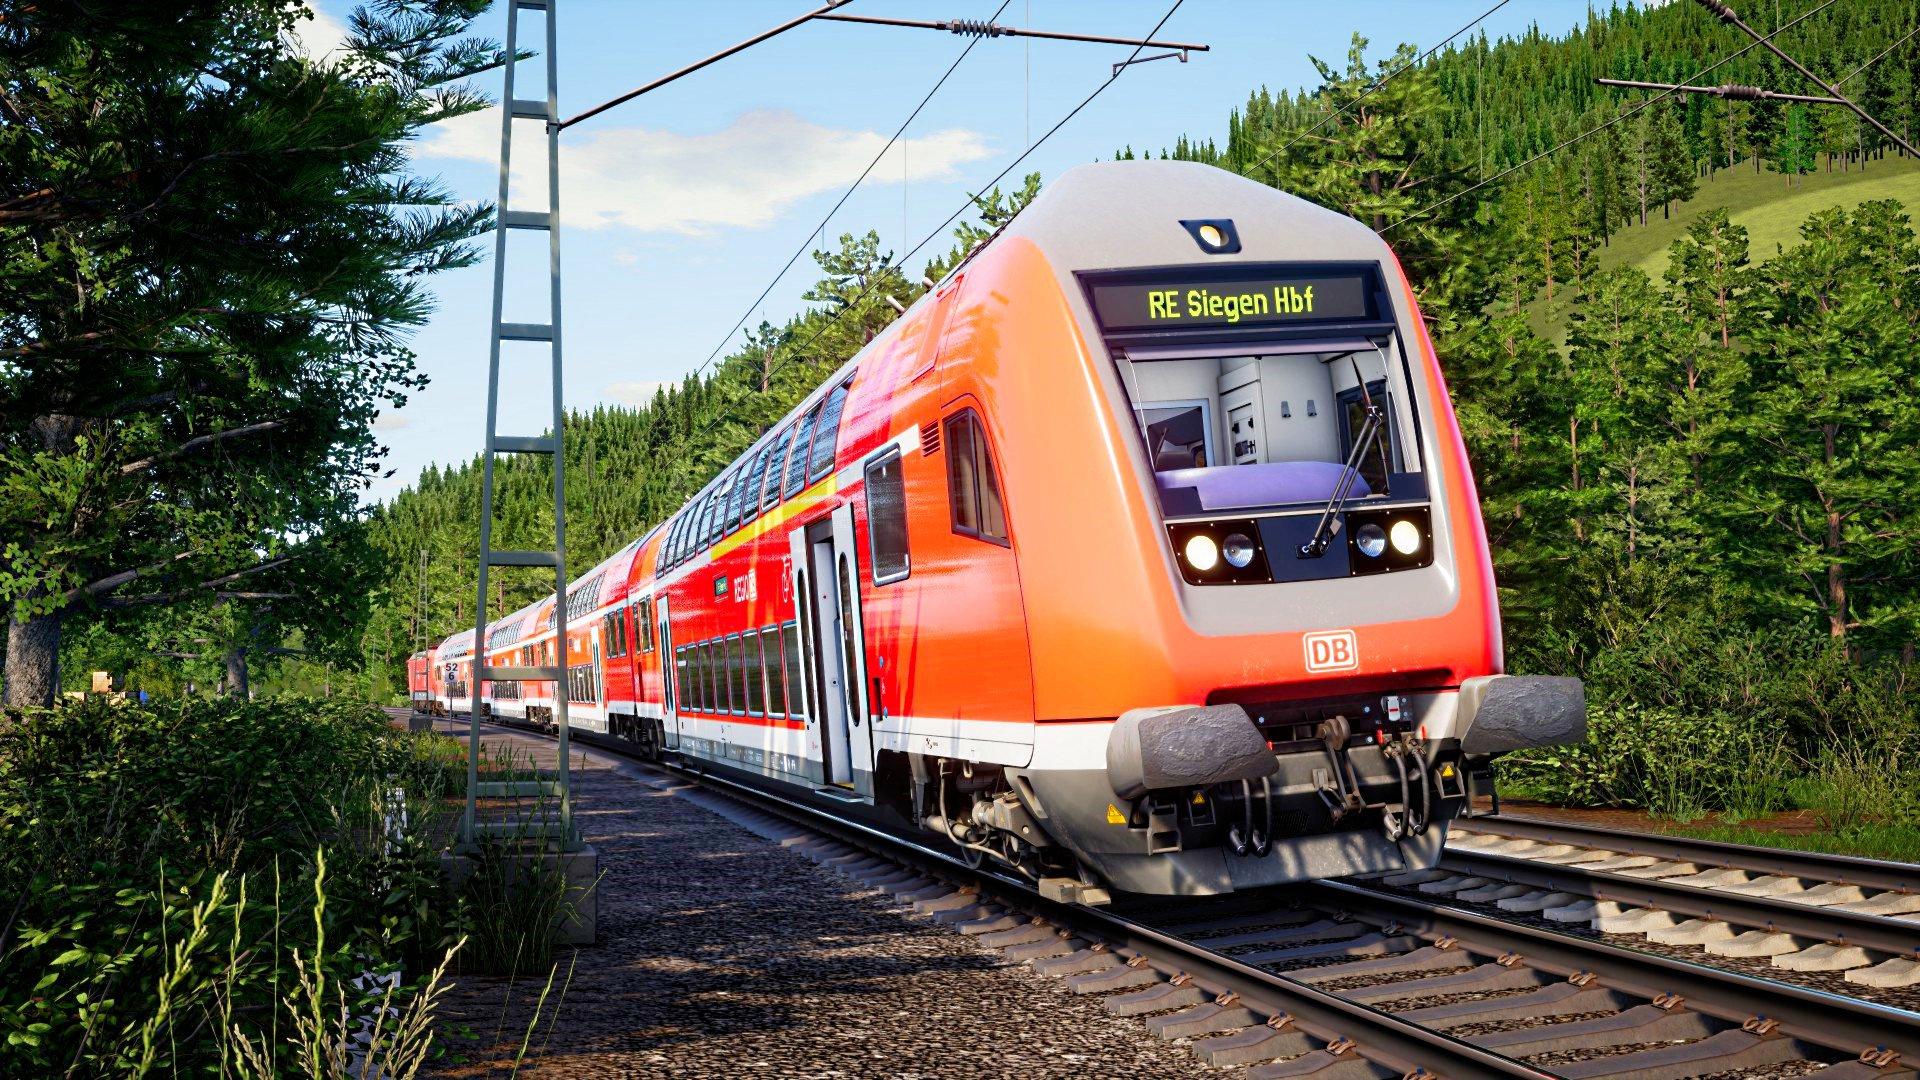 Train Sim World 2020 DB DoppelStockwagen  Ruhr-Sieg Nord: Hagen - Finnentrop